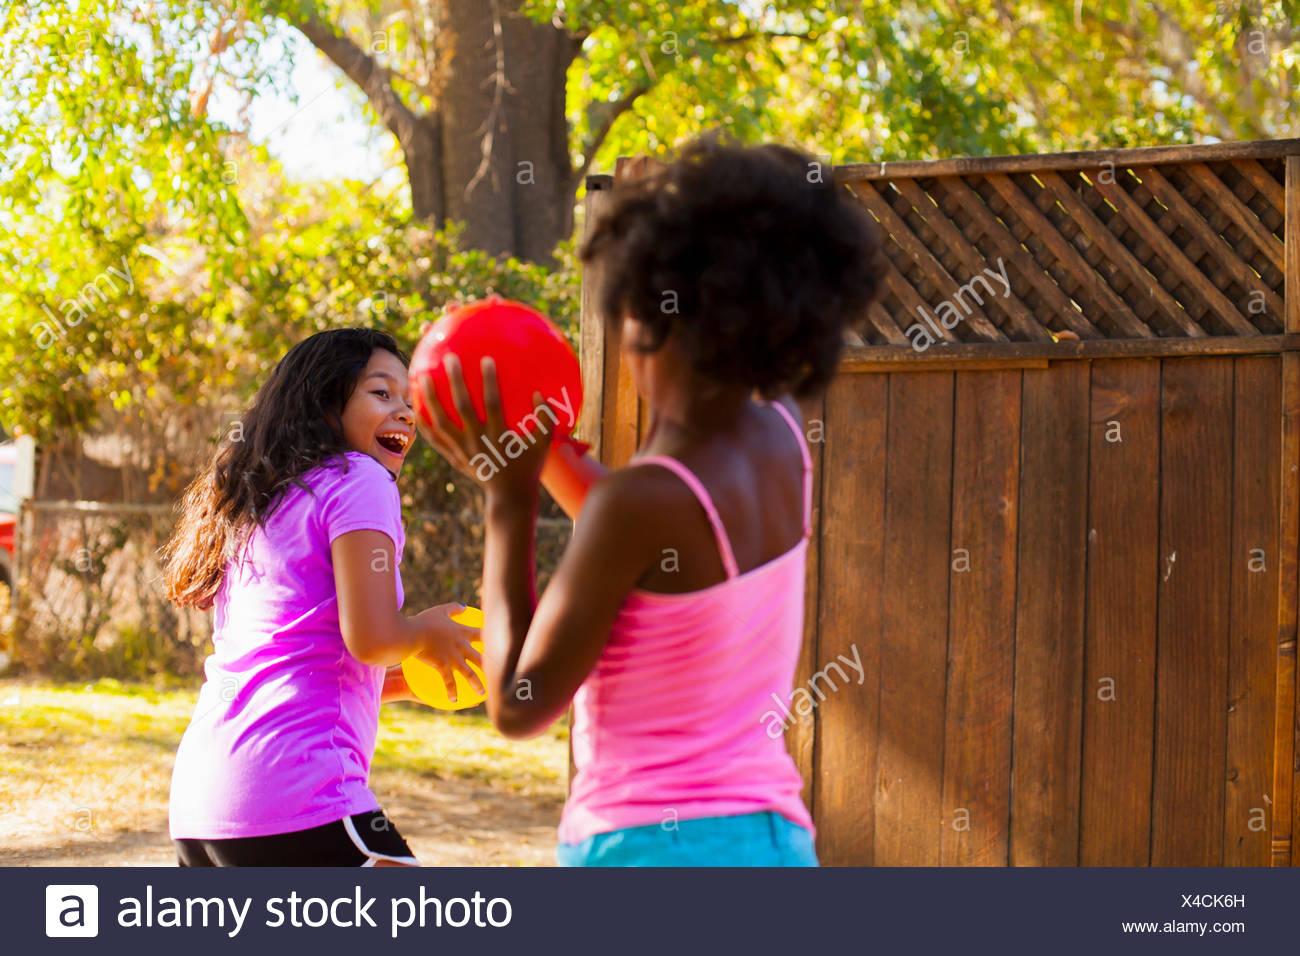 Girl chasing ami ballon avec de l'eau dans le jardin Banque D'Images